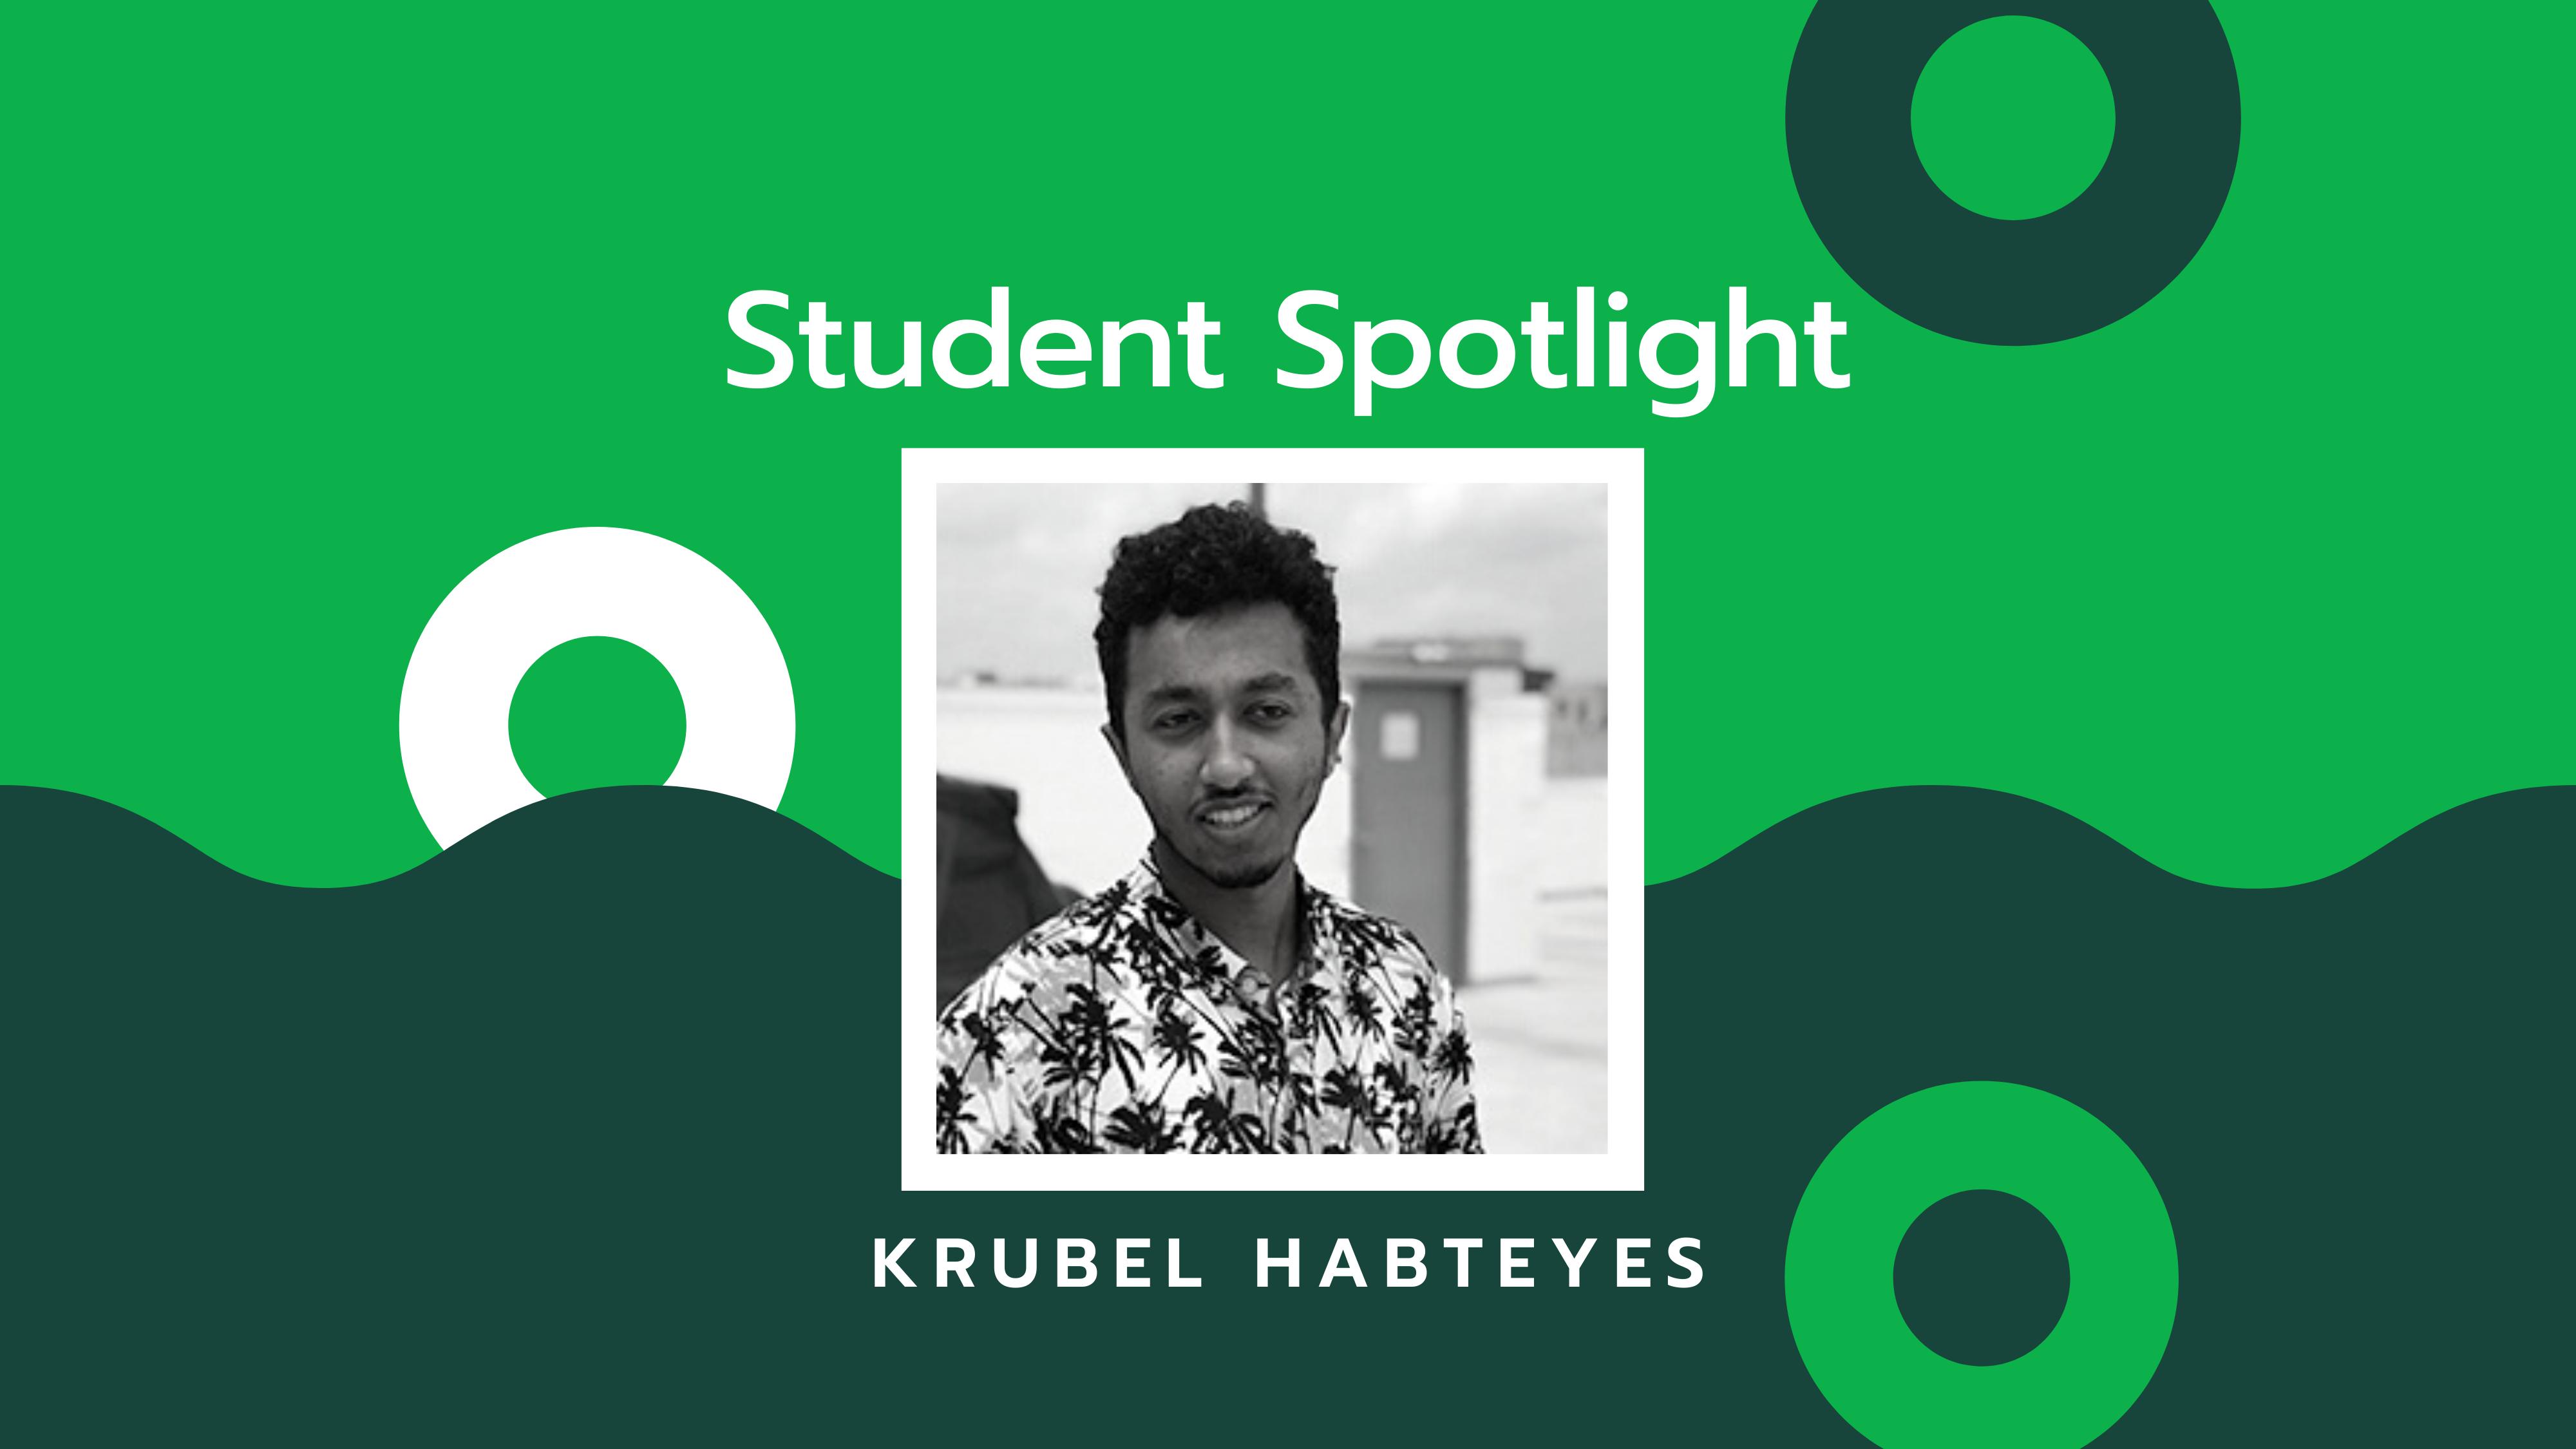 Student Spotlight: Krubel Habteyes